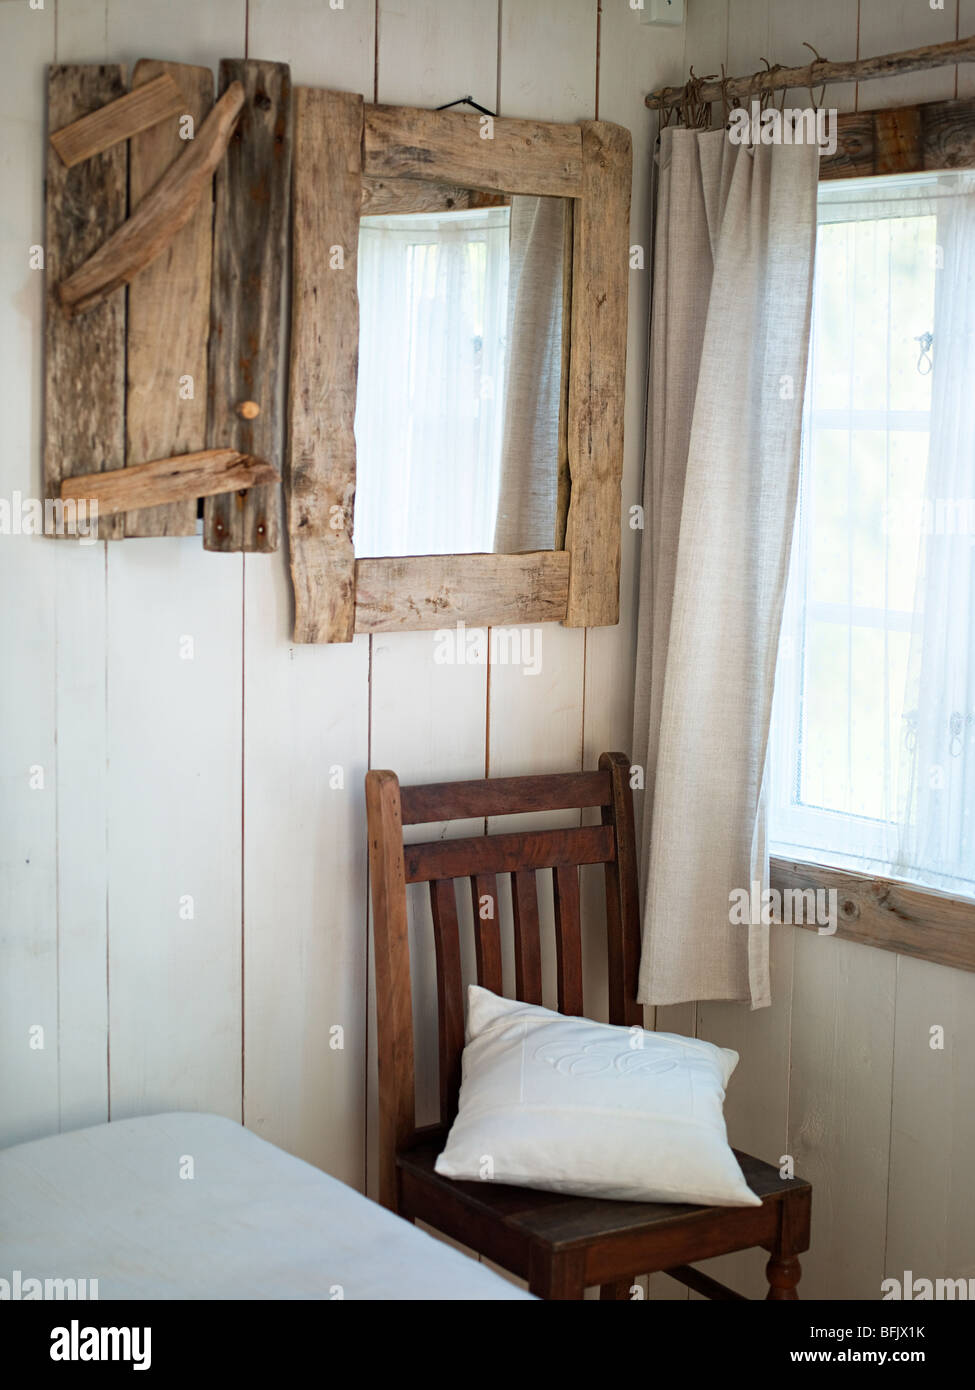 Ein hölzerner Spiegel im Schlafzimmer, Schweden Stockfoto, Bild ...